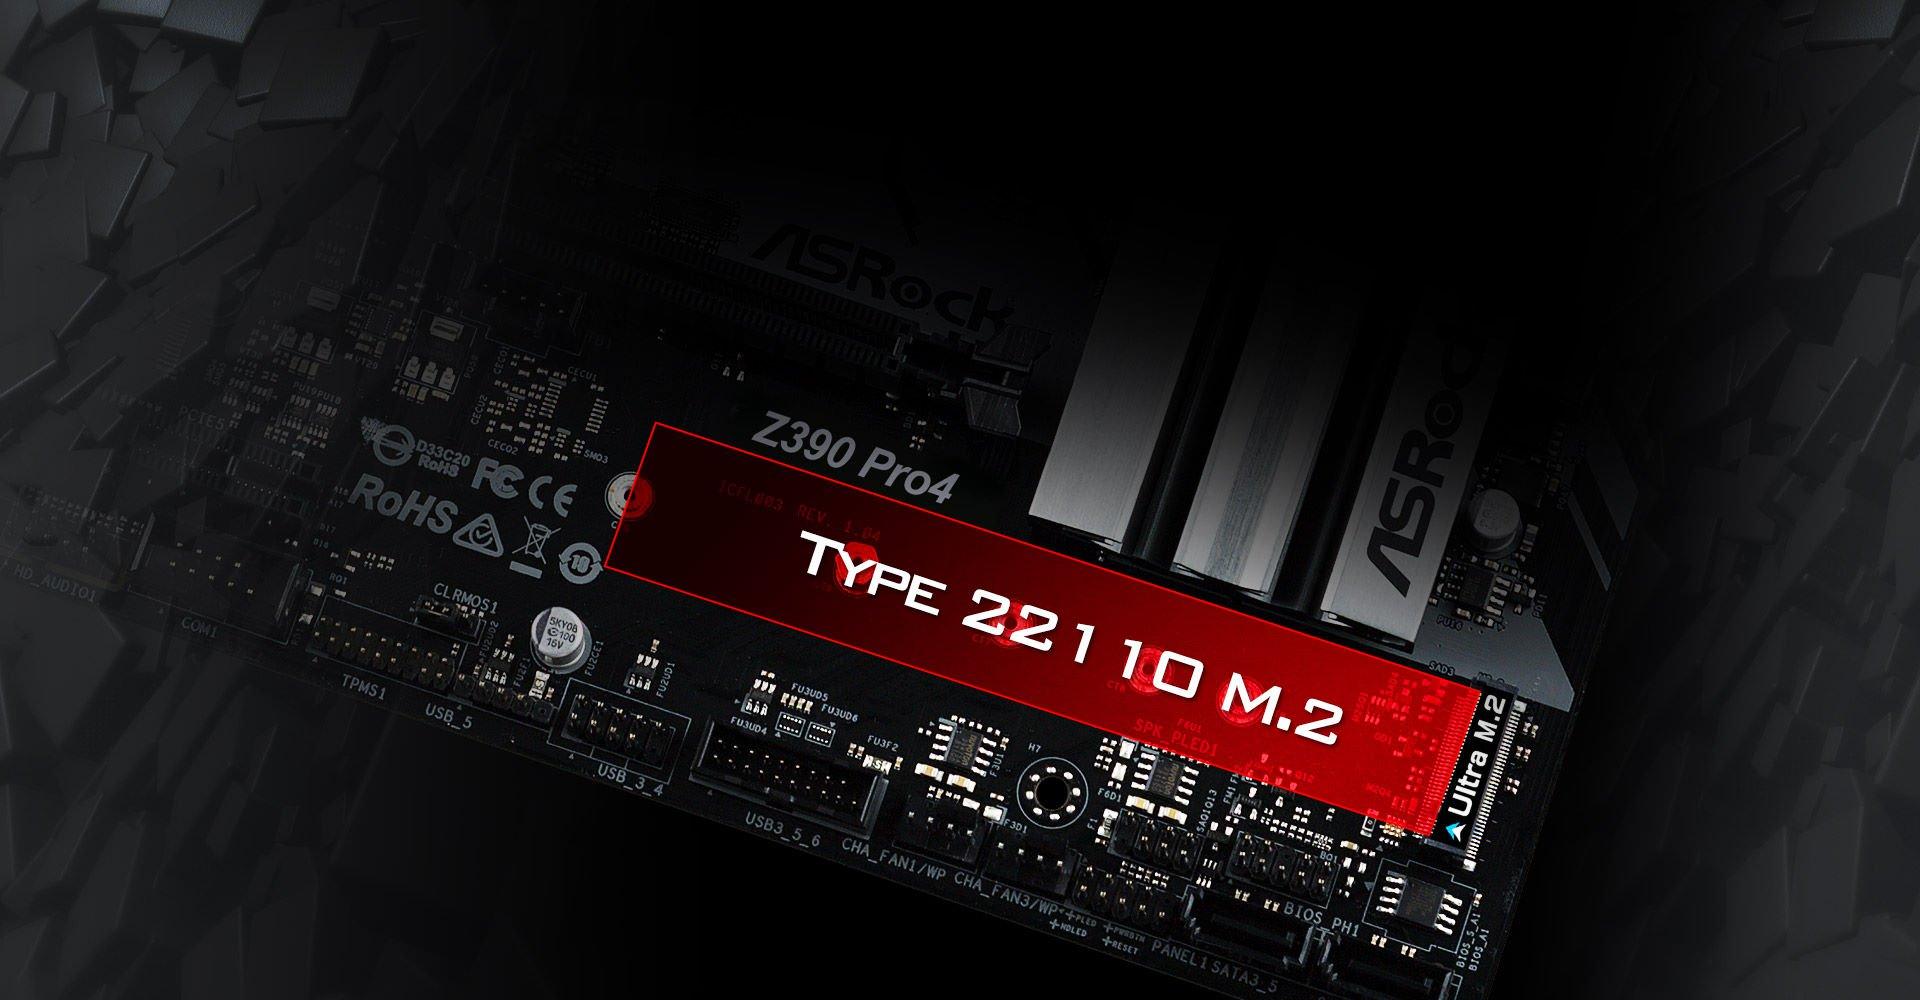 ASRock > Z390 Pro4